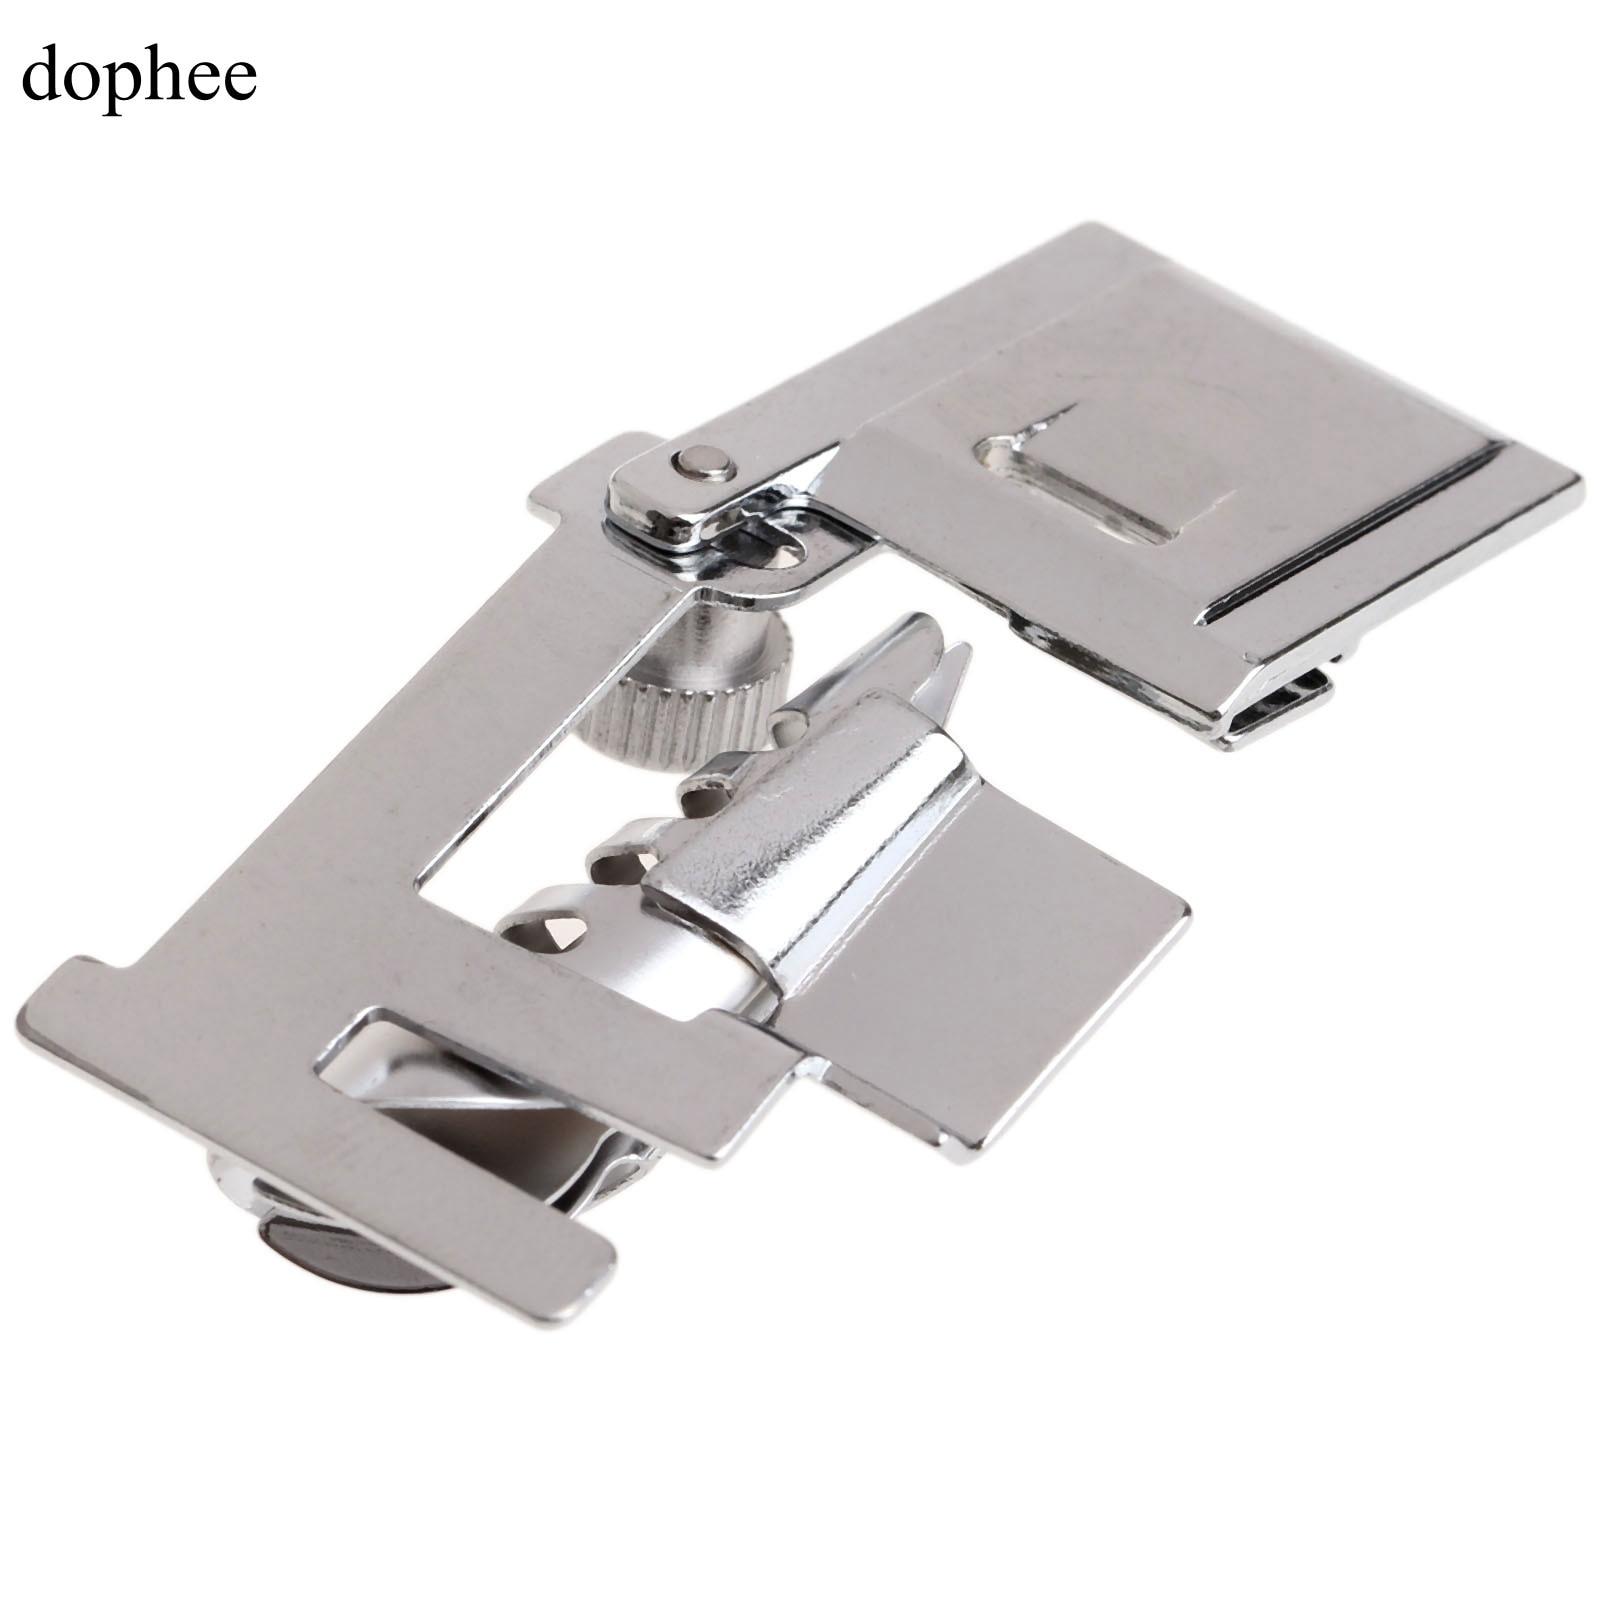 Dophee 1 шт. SA109 F014N металлическая скоба для ног домашняя швейная машина часть для брата певец Юки janome babylock